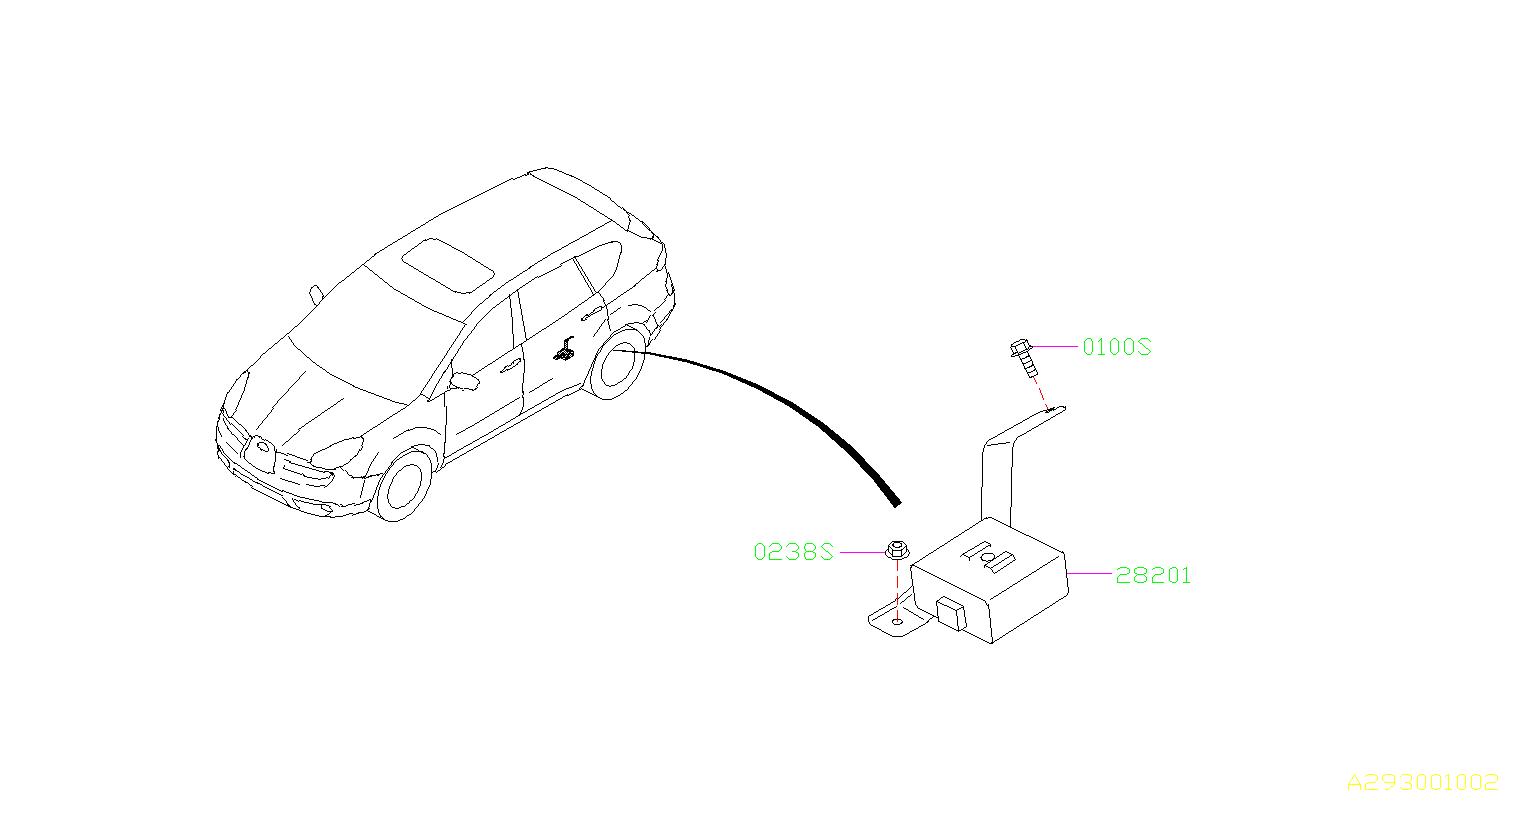 Subaru Tribeca Flange Bolt Pilot Tank Fuel Pump